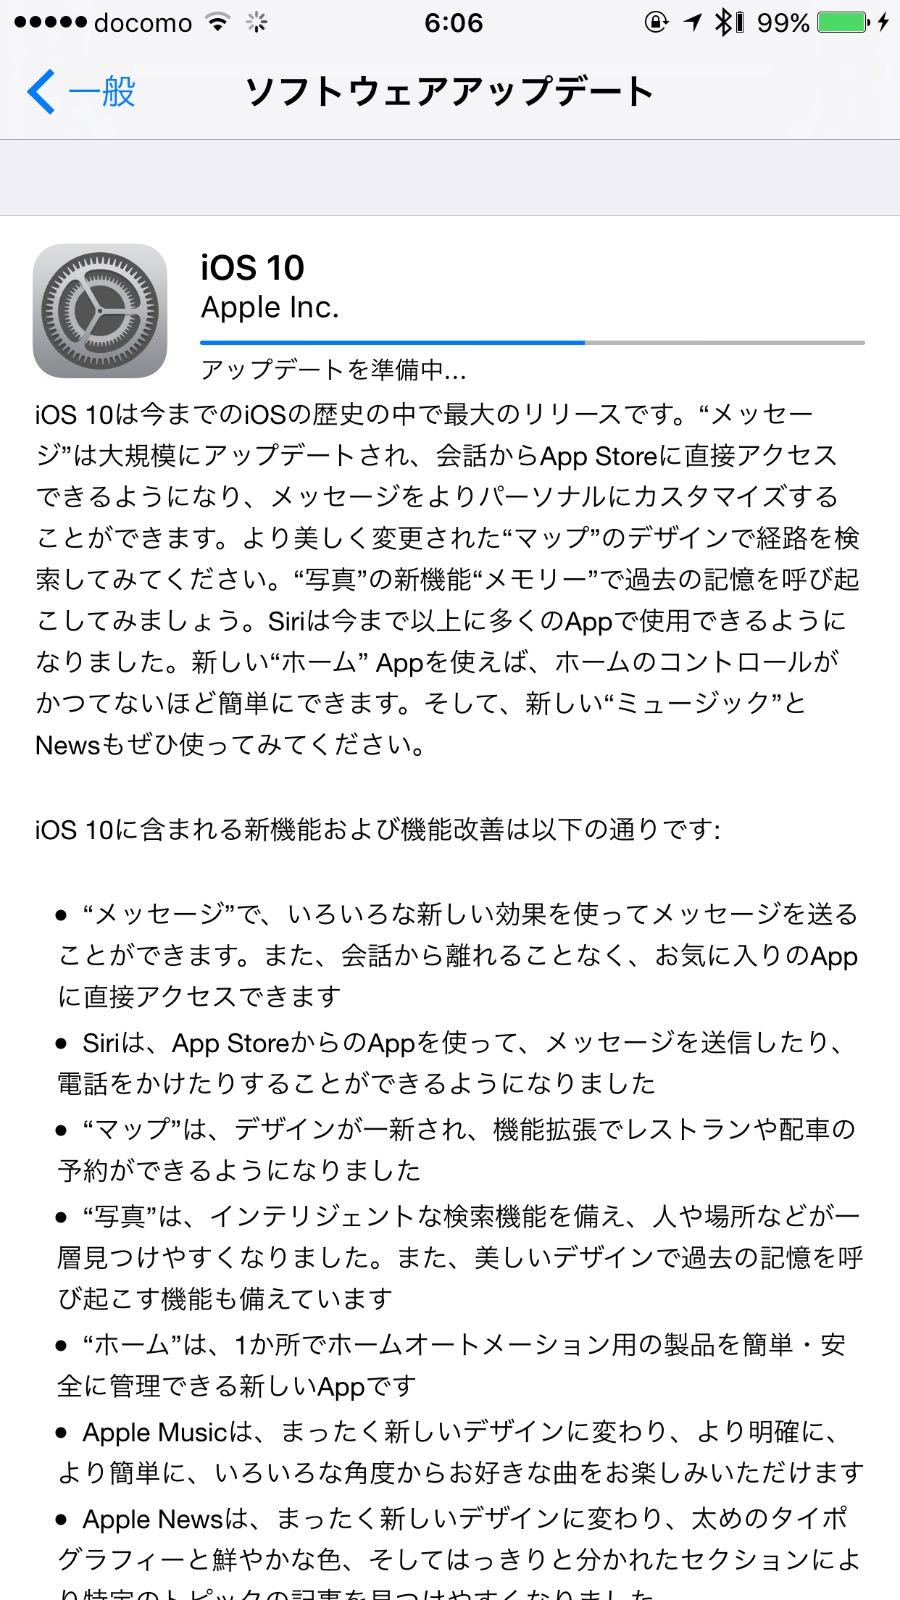 「iOS 10」リリース 〜アップデートには時間がかかるので注意